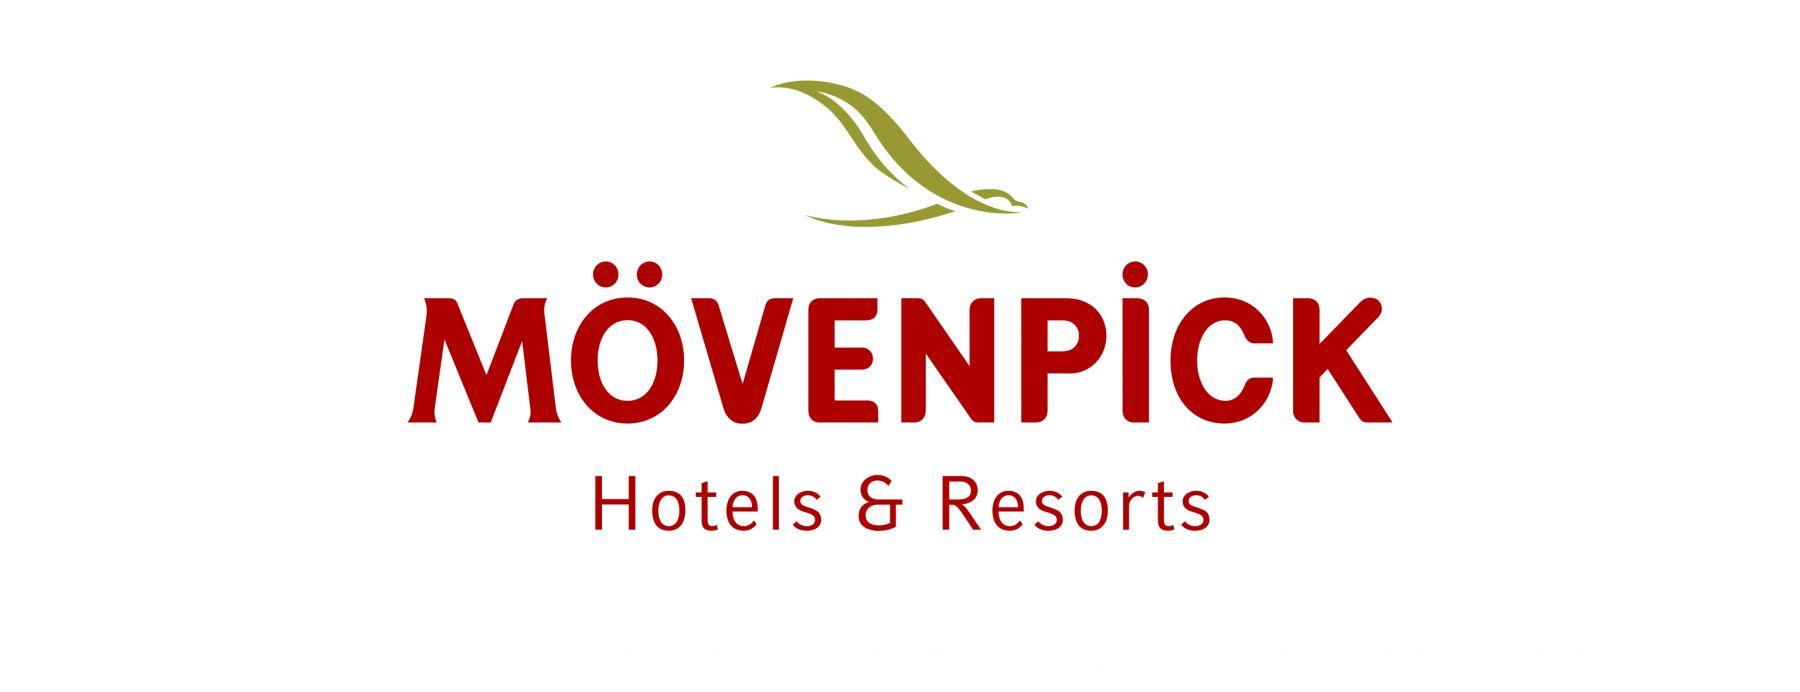 Movenpick-Hotels-Resorts